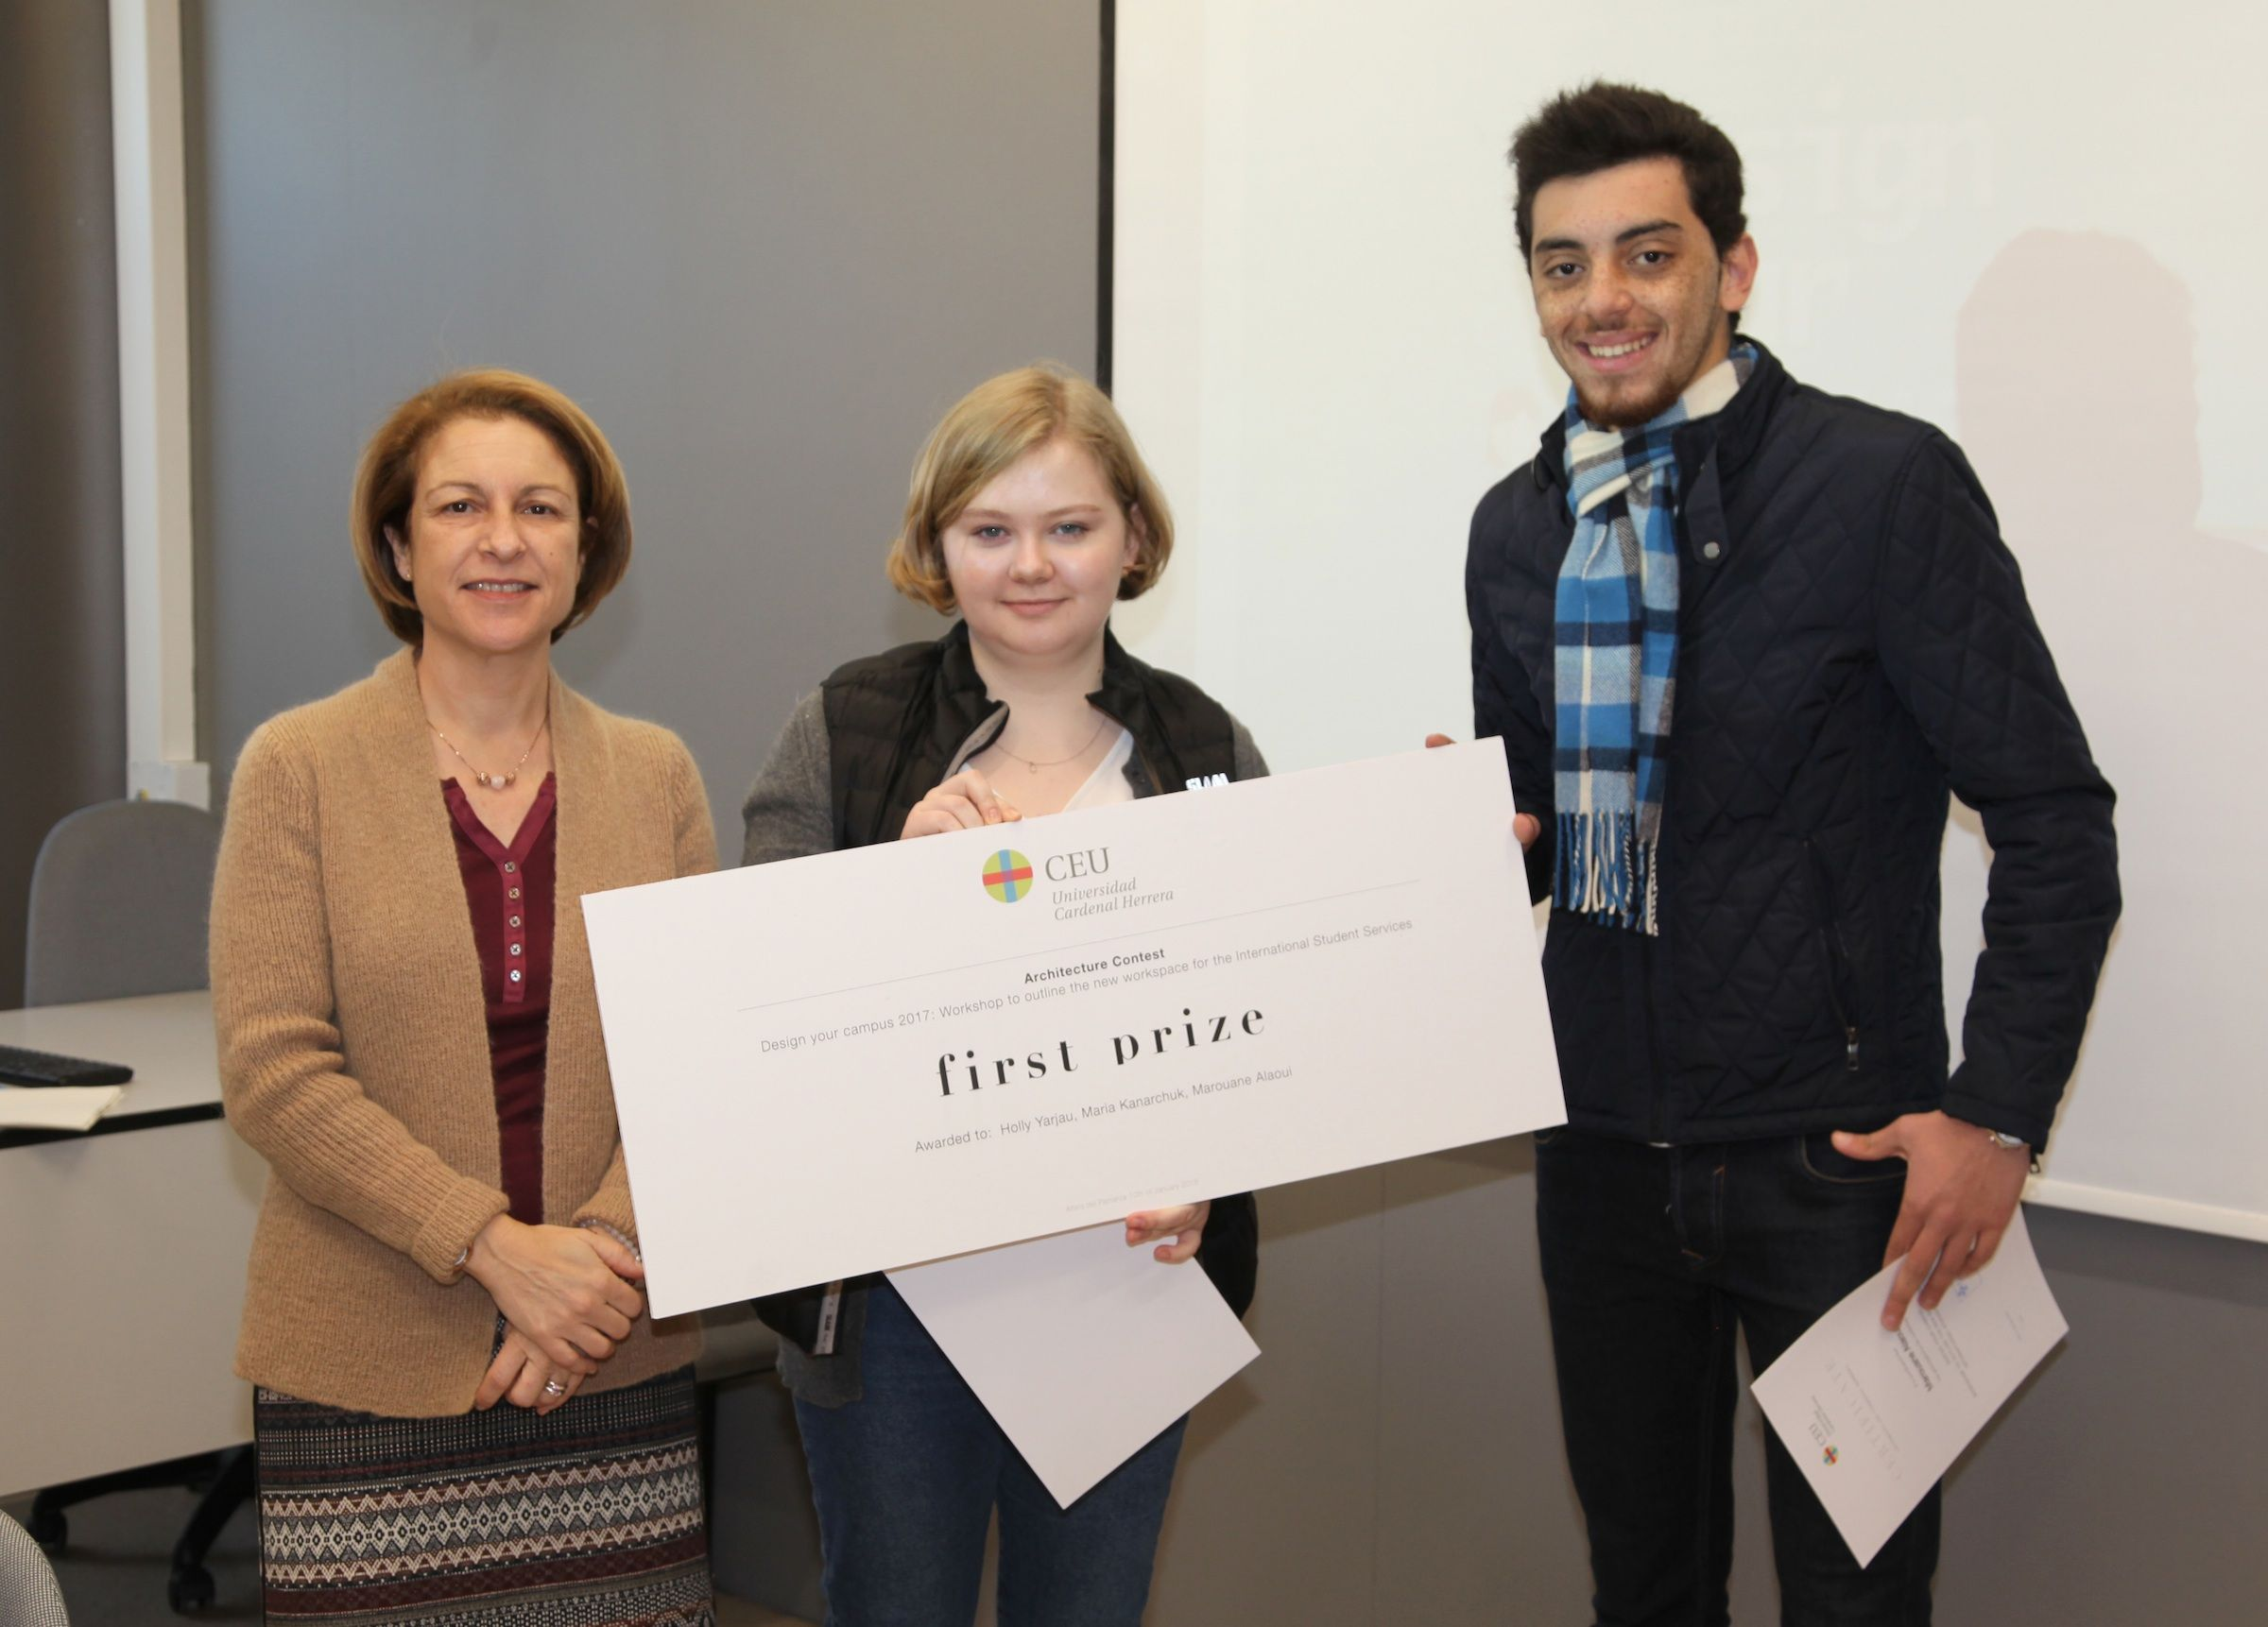 Mariia Kanarchuk y Marouane Alaoui recogen el premio a su propuesta, realizada junto a Holly Yarjau, de manos de la rectora Rosa Visiedo.